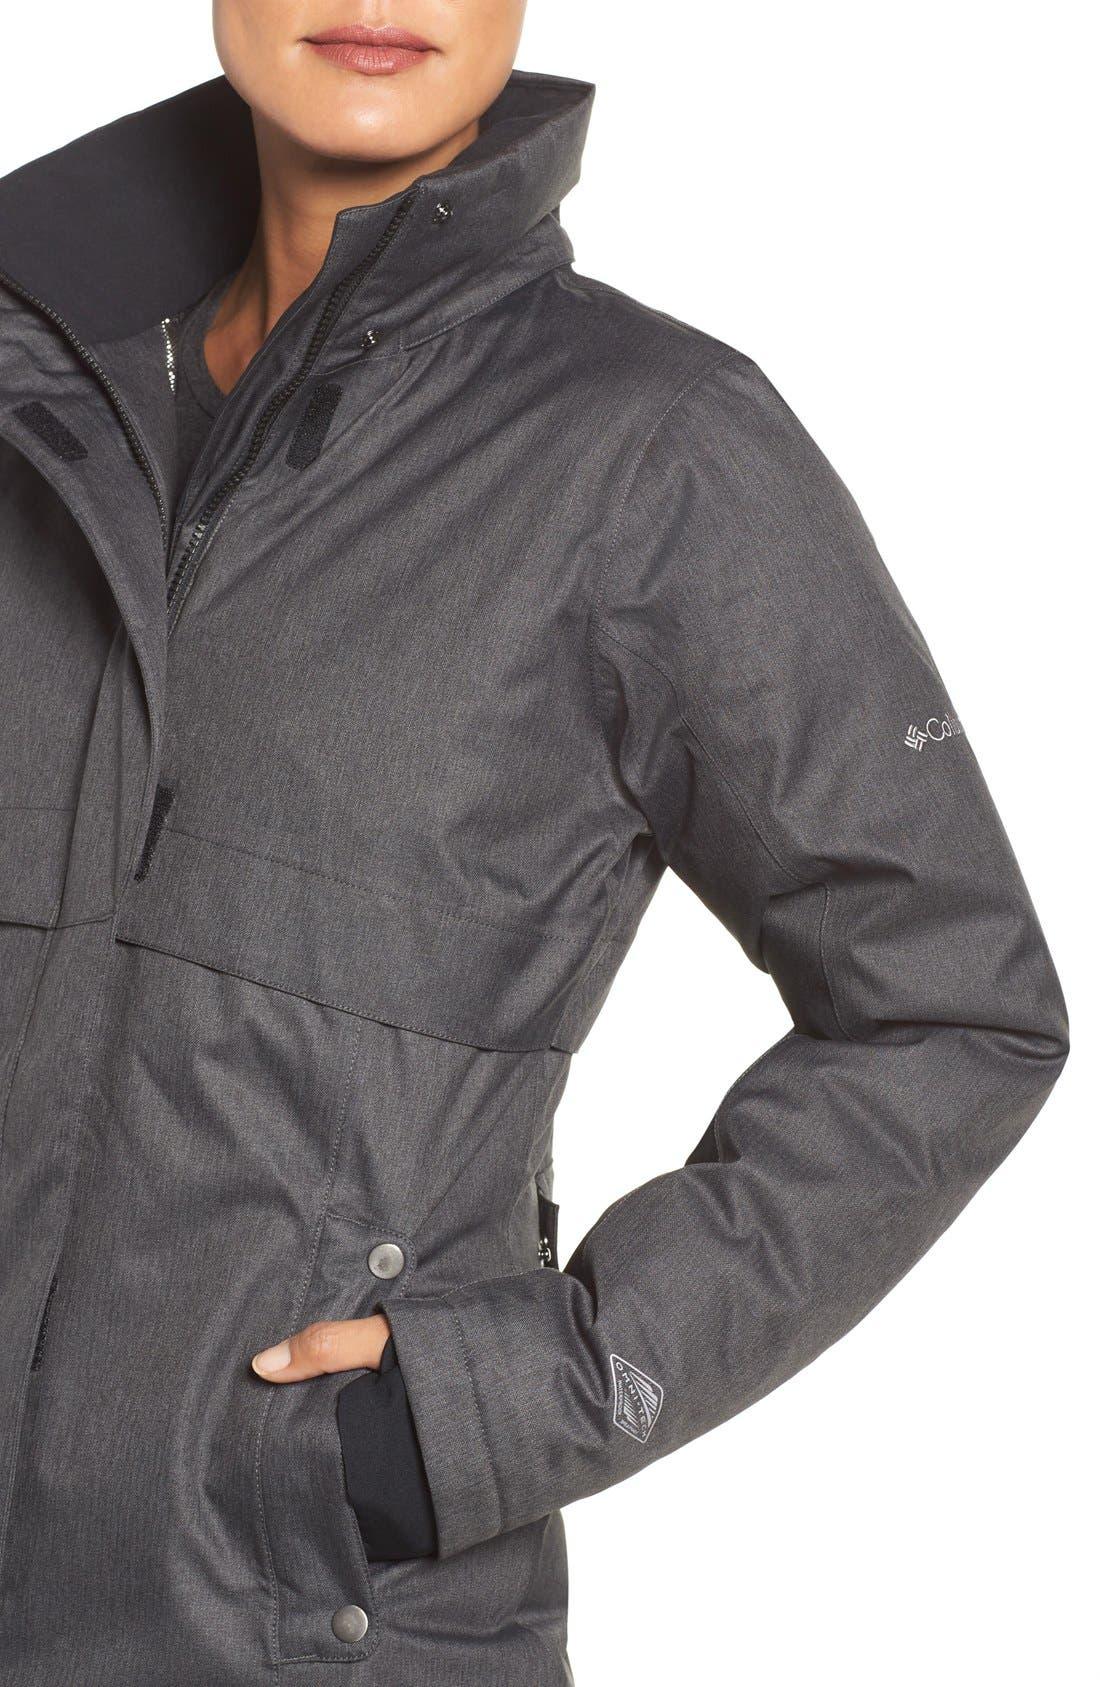 Apres Arson<sup>™</sup> Down Jacket with Faux Fur Trim,                             Alternate thumbnail 2, color,                             010